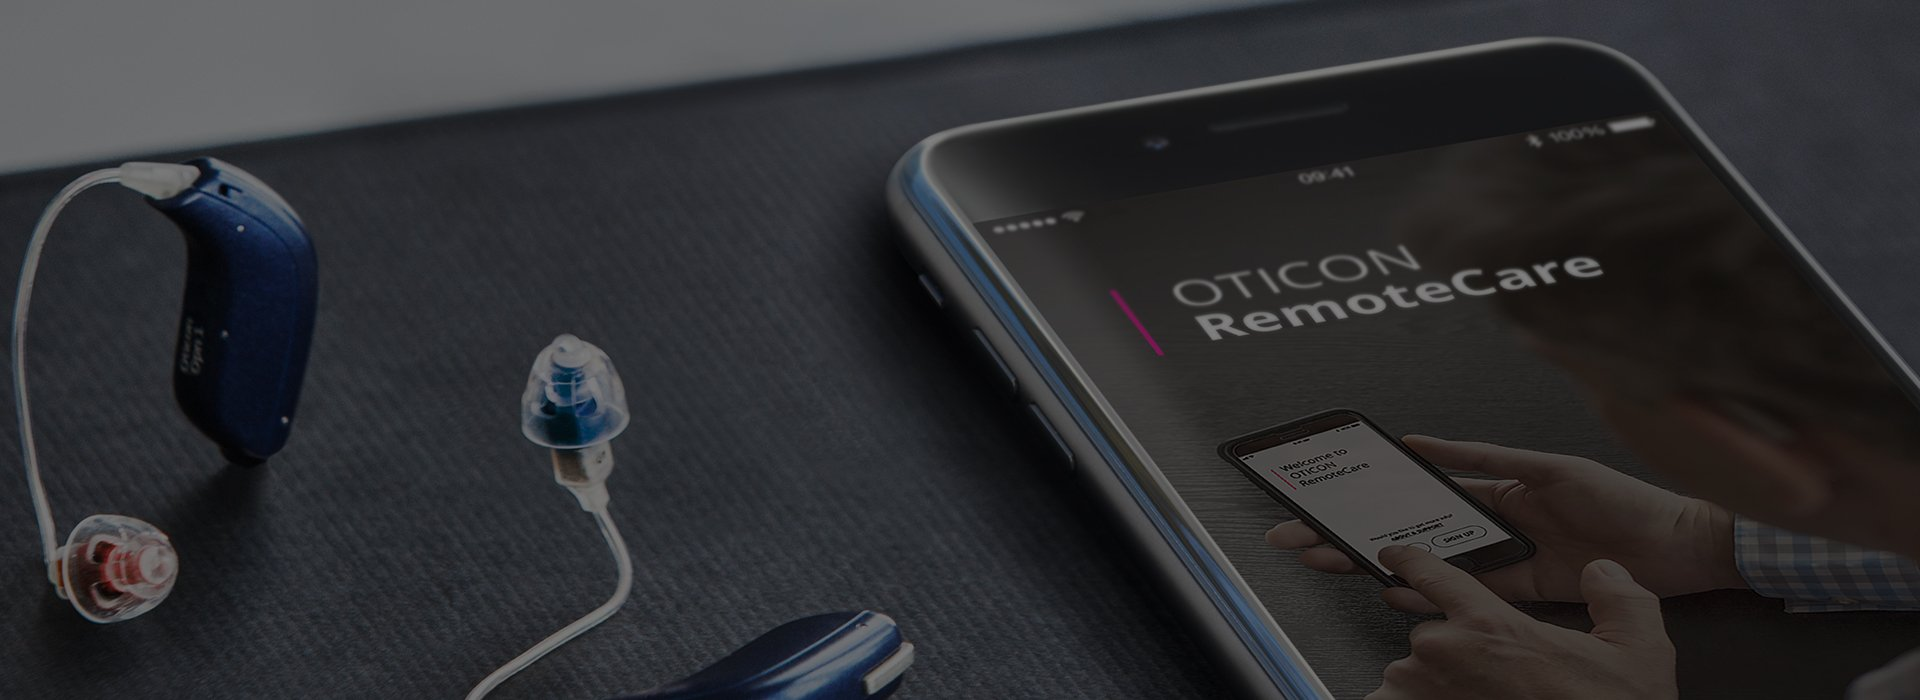 already-have-oticon-remotecare-app